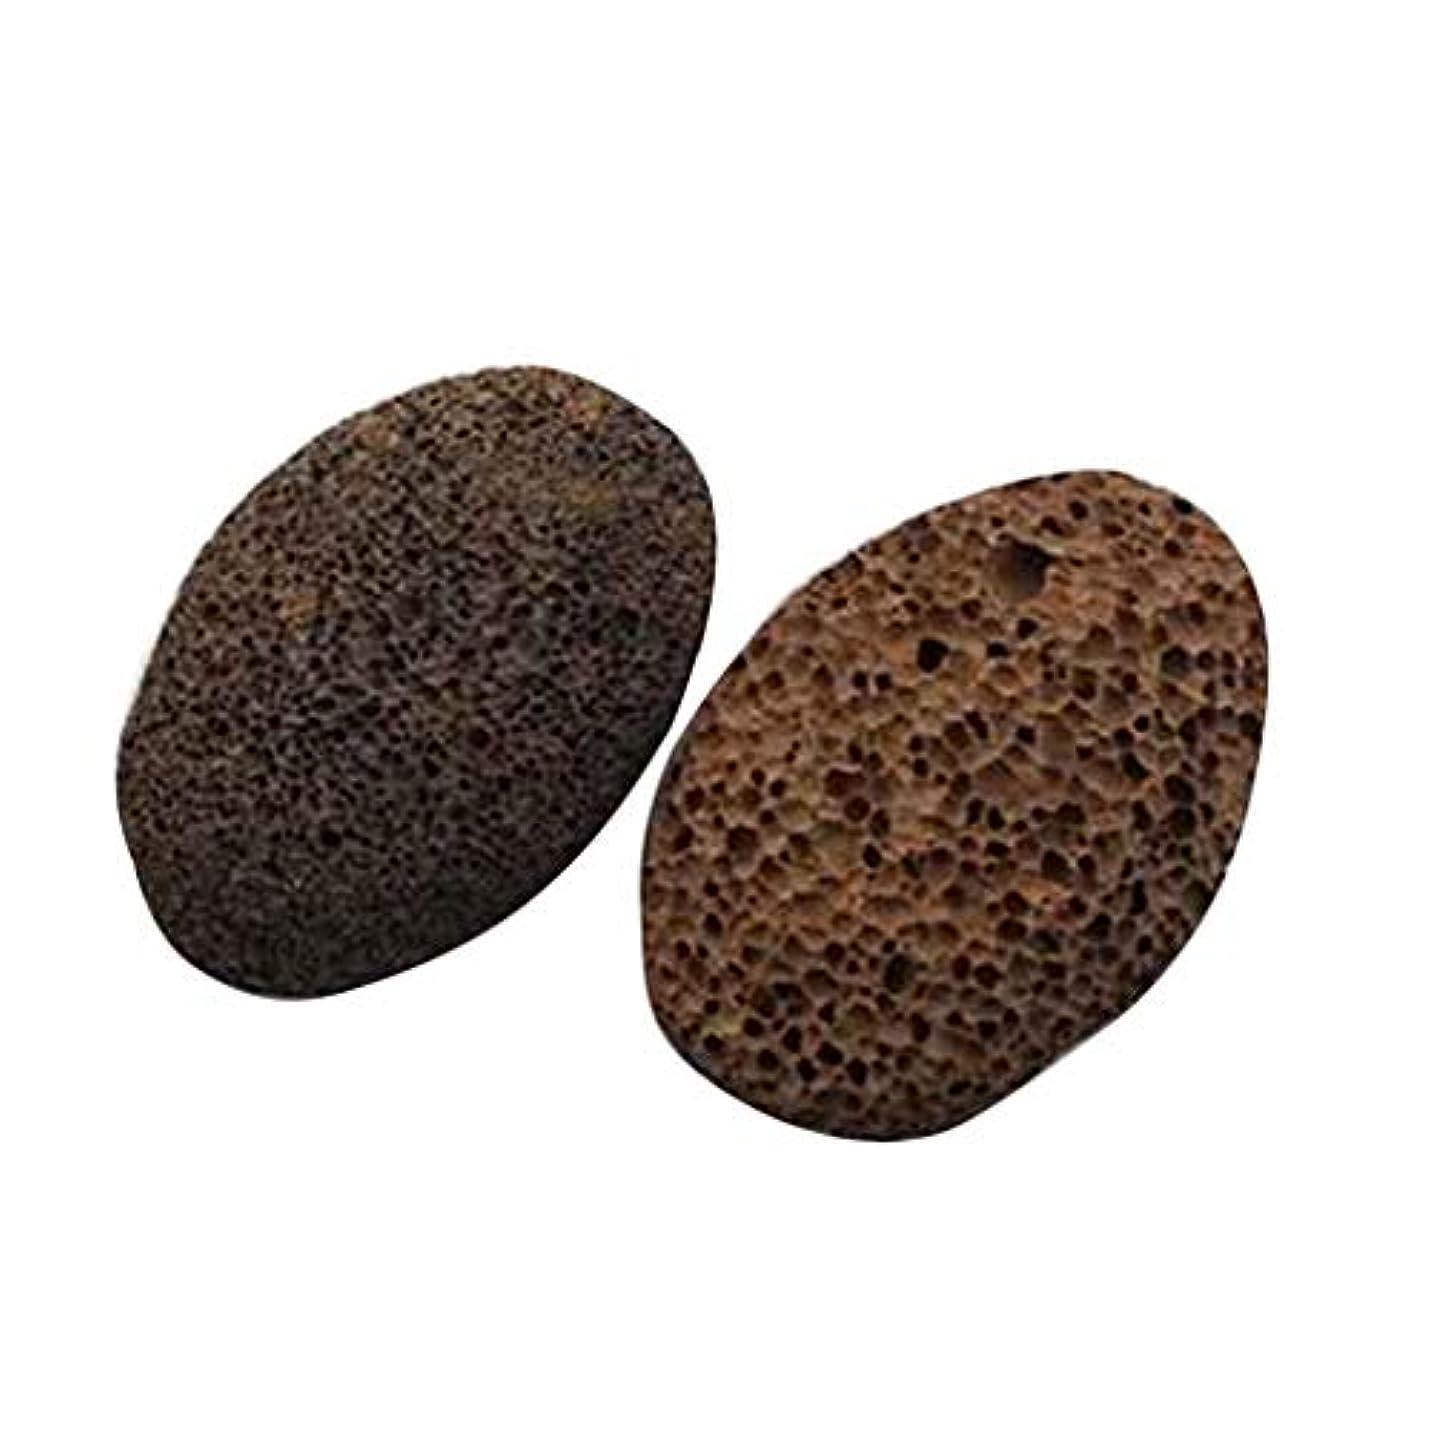 著者衣類確かめるNerhaily 死んだ皮軽石を取り除き 足石を挽いて 自然の火山石を剥がします 足マッサージ石 ワイプ足石 2個セット